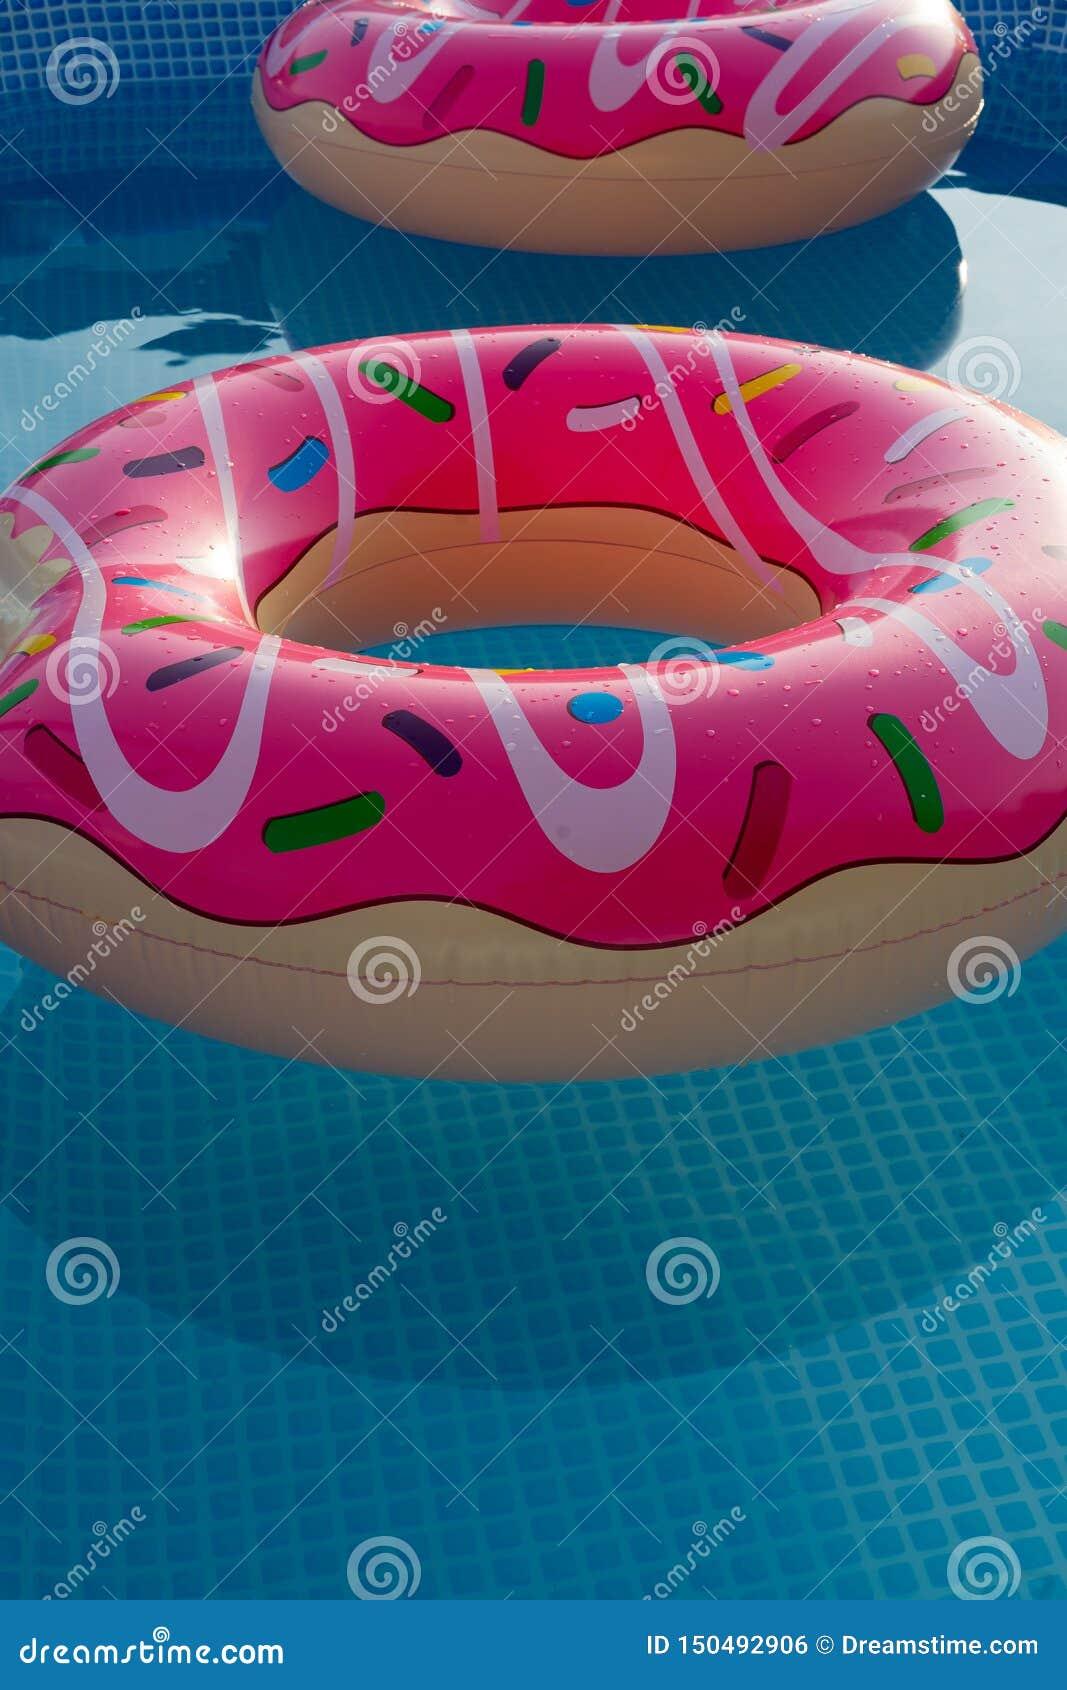 Anillos inflables en la piscina de la casa para los niños